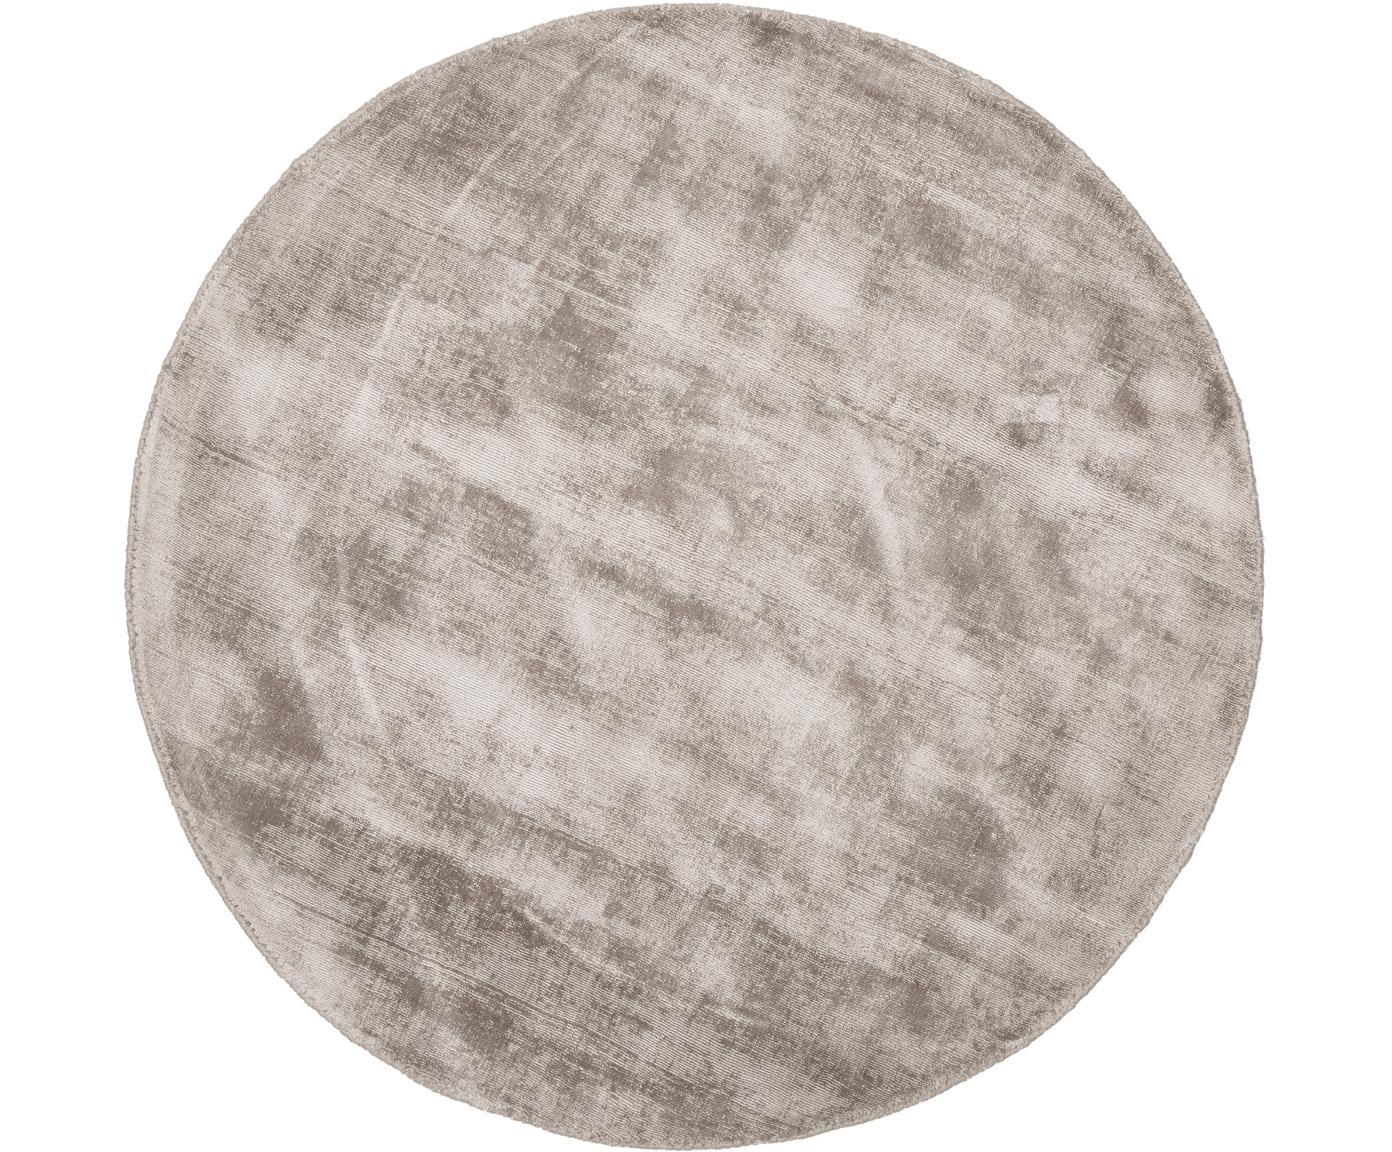 Okrągły ręcznie tkany dywan z wiskozy Jane, Taupe, Ø 120 cm (Rozmiar S)